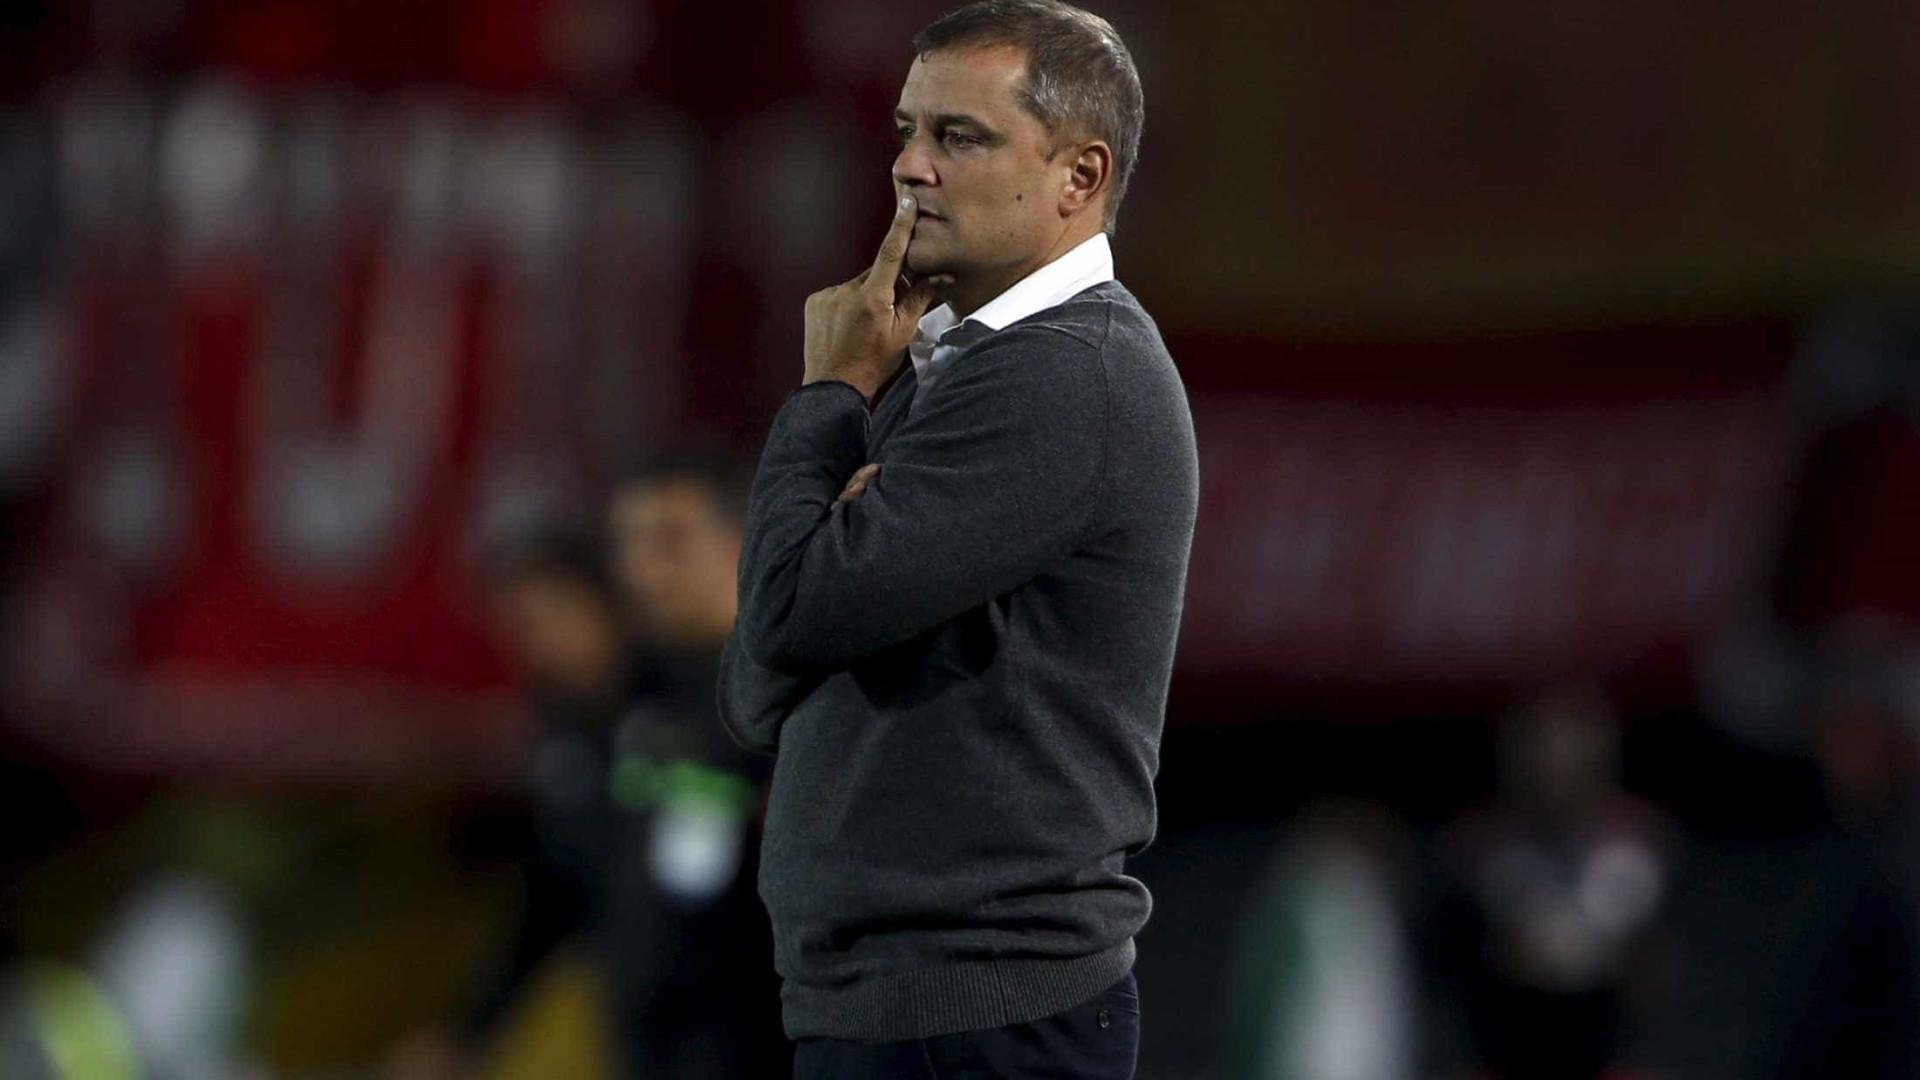 Diego Aguirre volta ao comando técnico do Internacional após seis anos